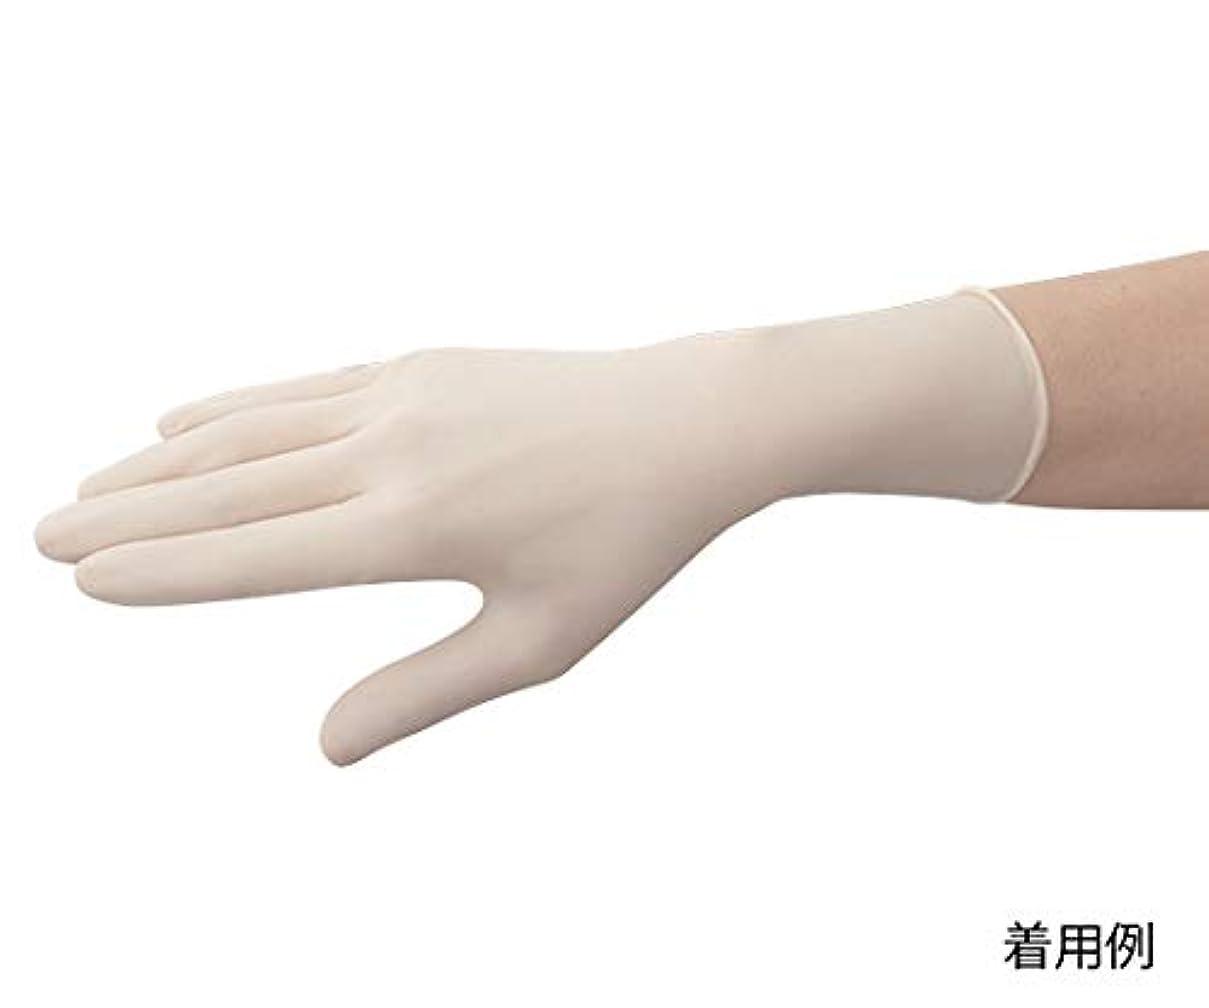 船形大陸象東レ?メディカル 手術用手袋メディグリップ パウダーフリー50双 8160MG